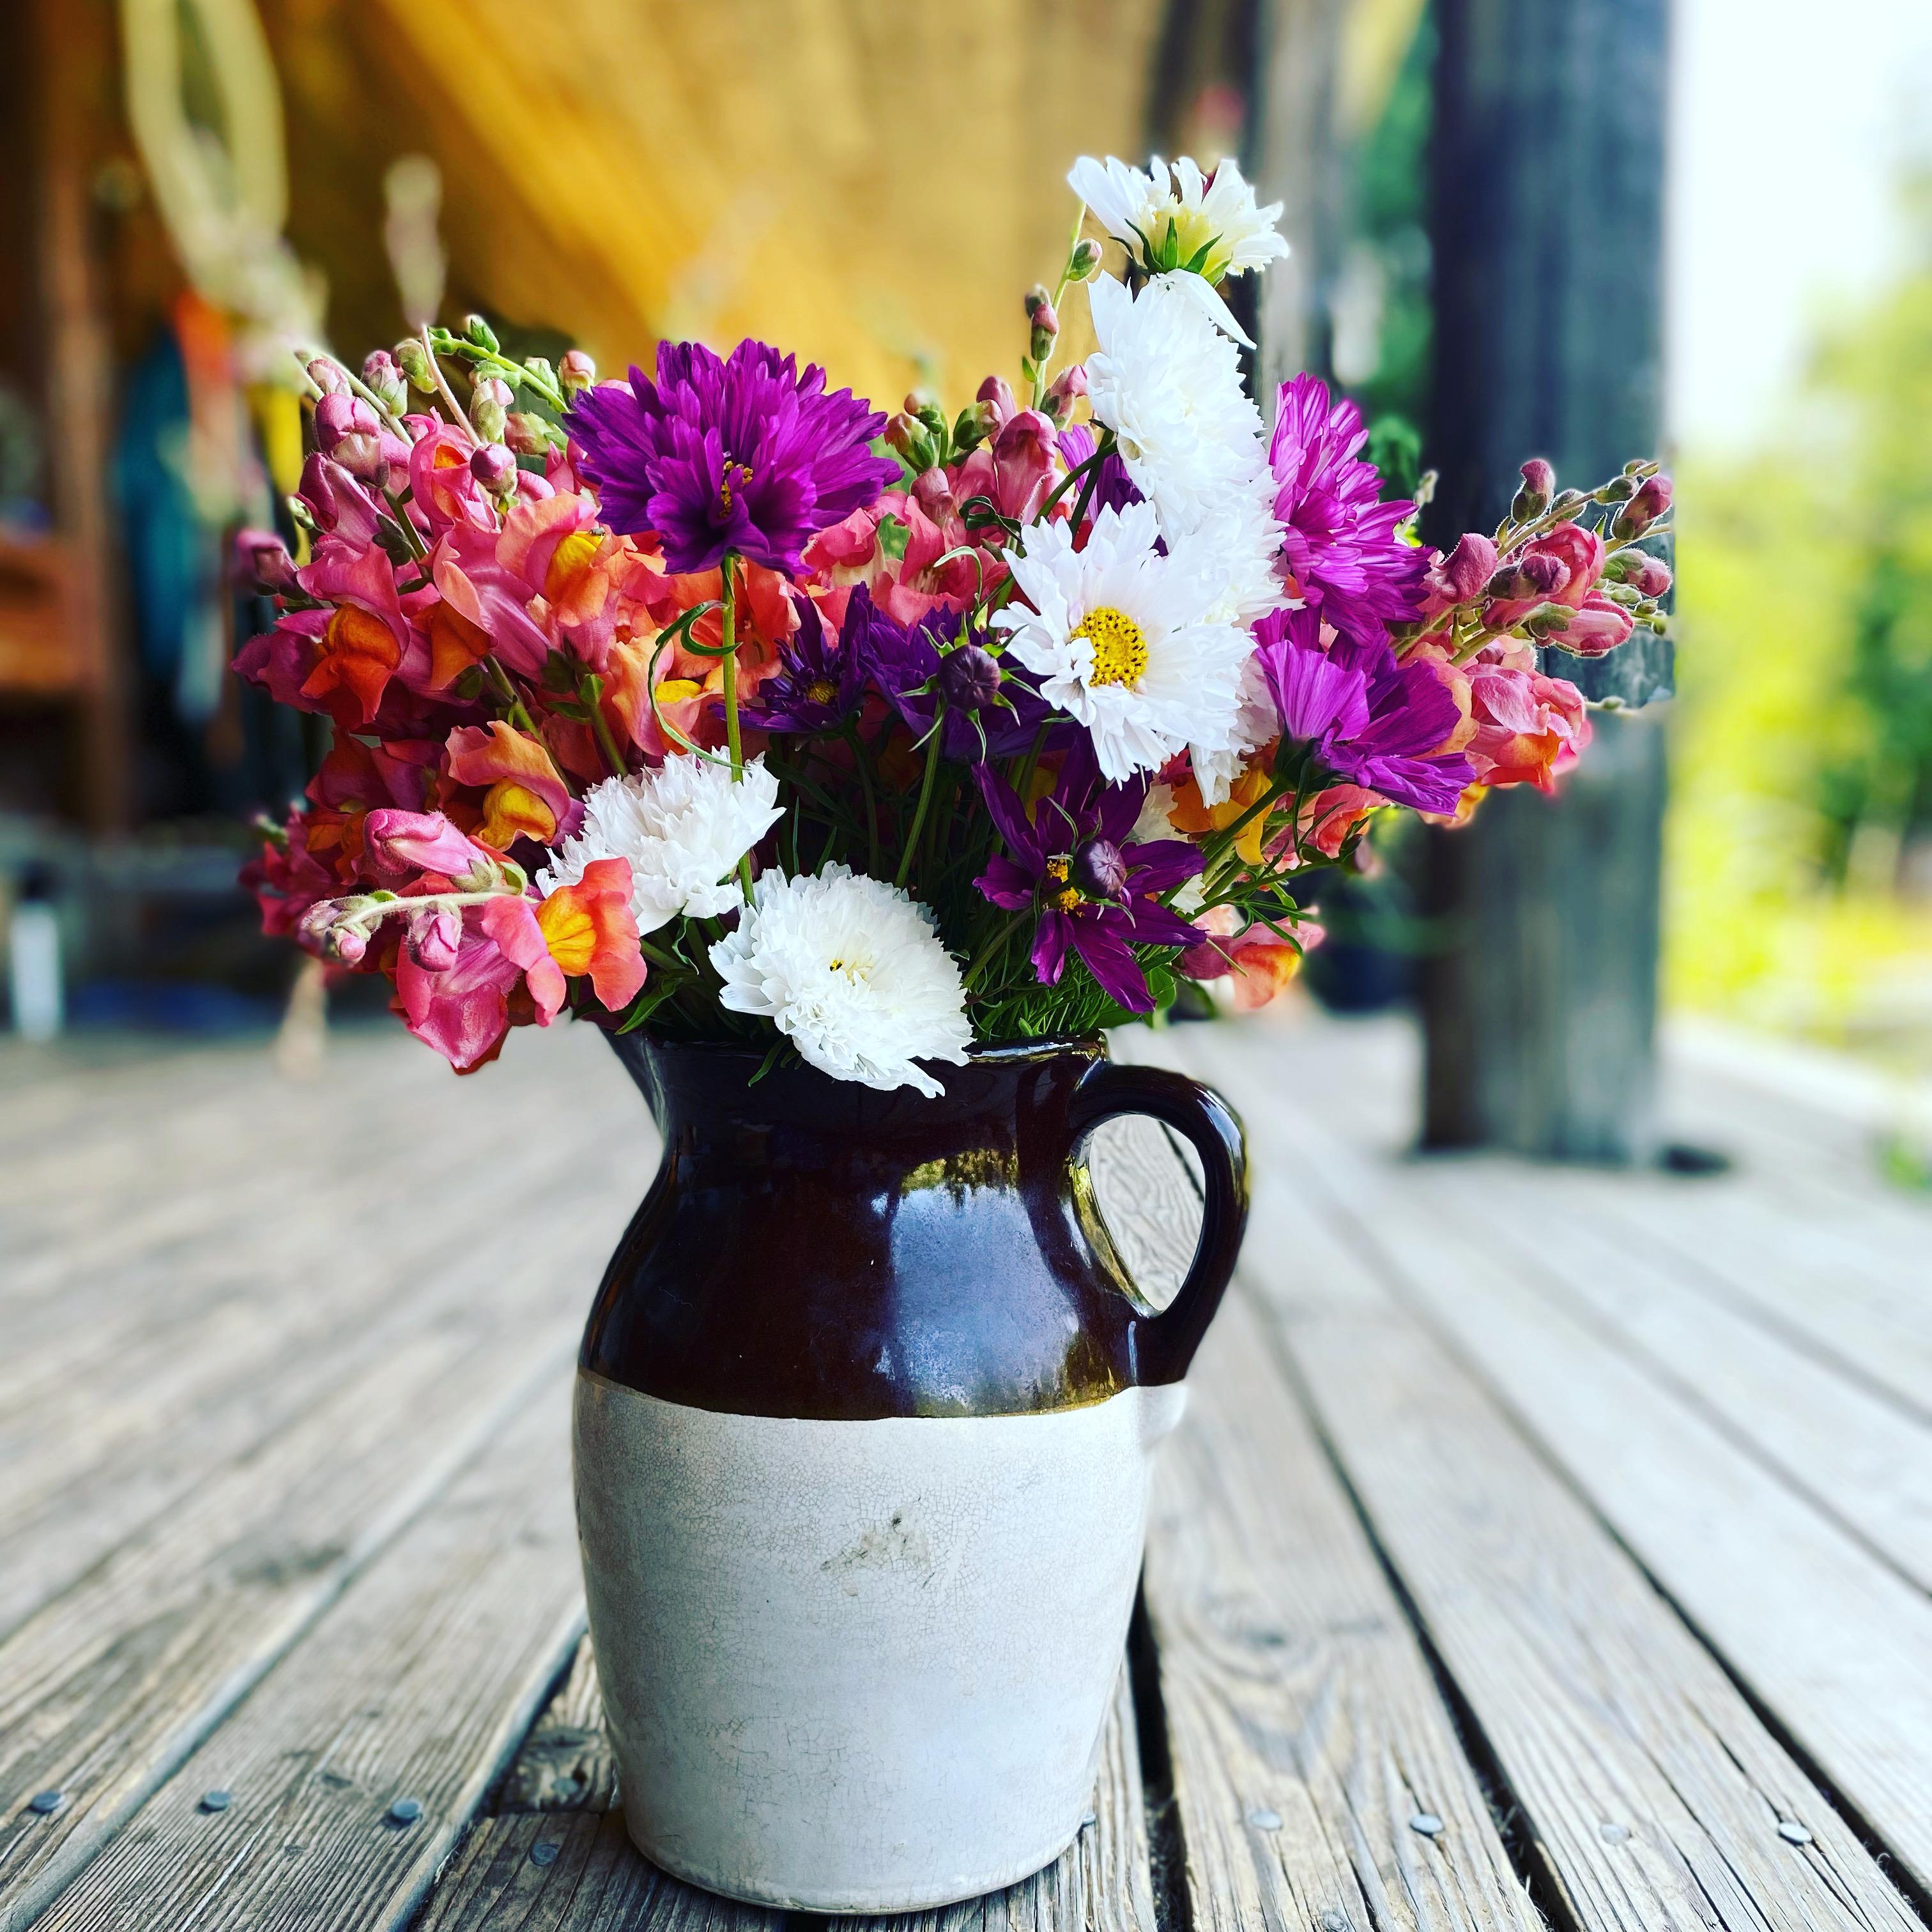 Flower share week 2